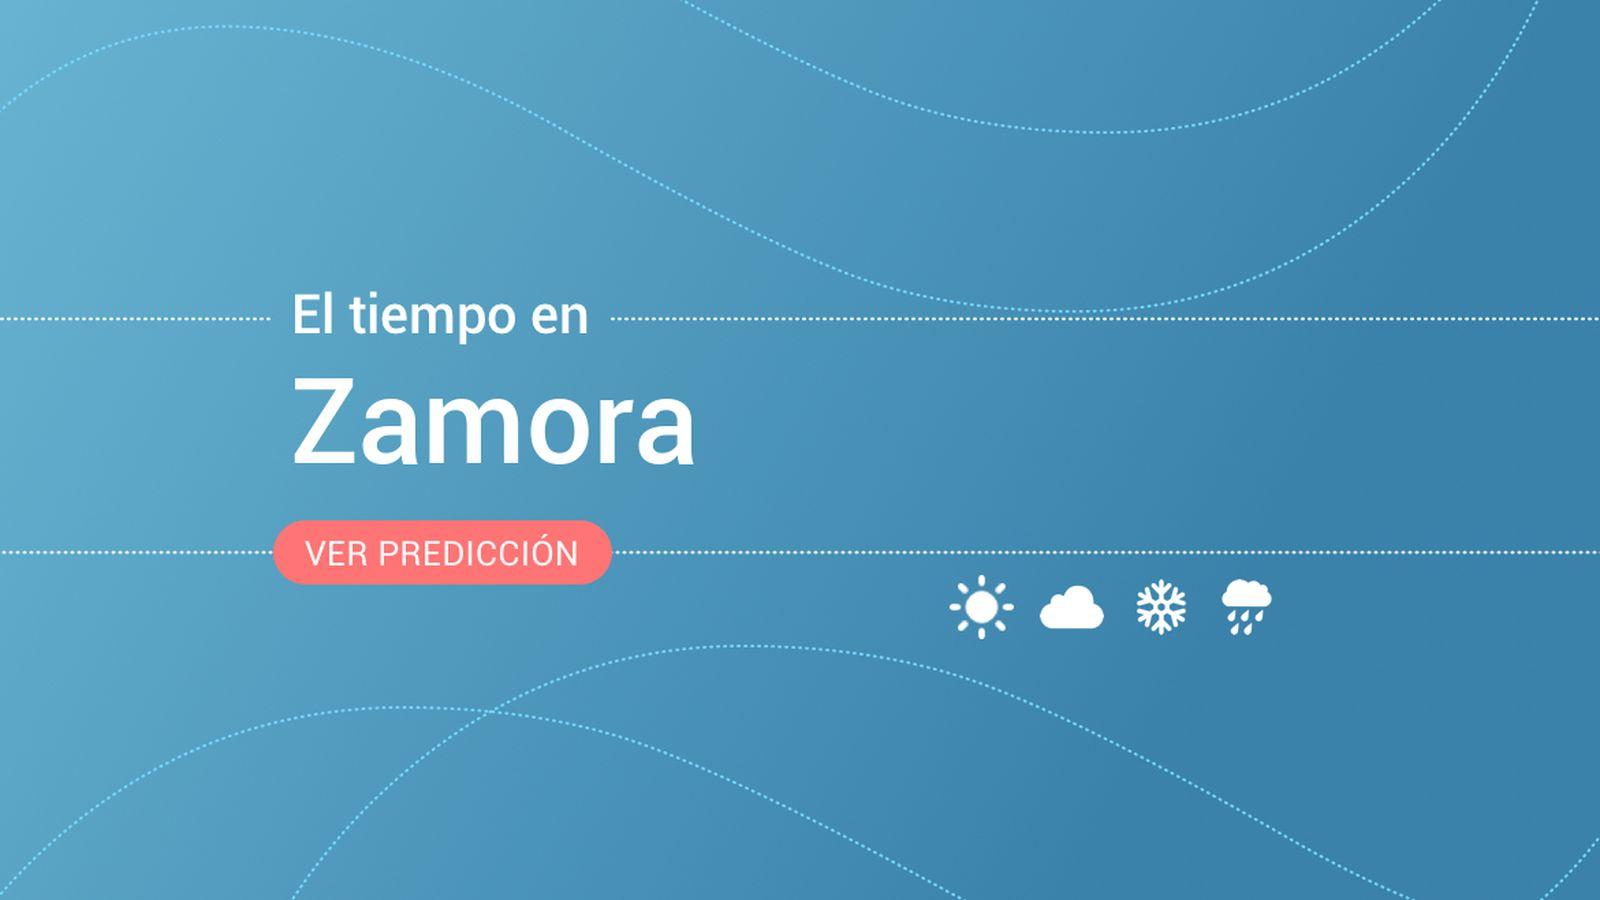 Foto: El tiempo en Zamora. (EC)